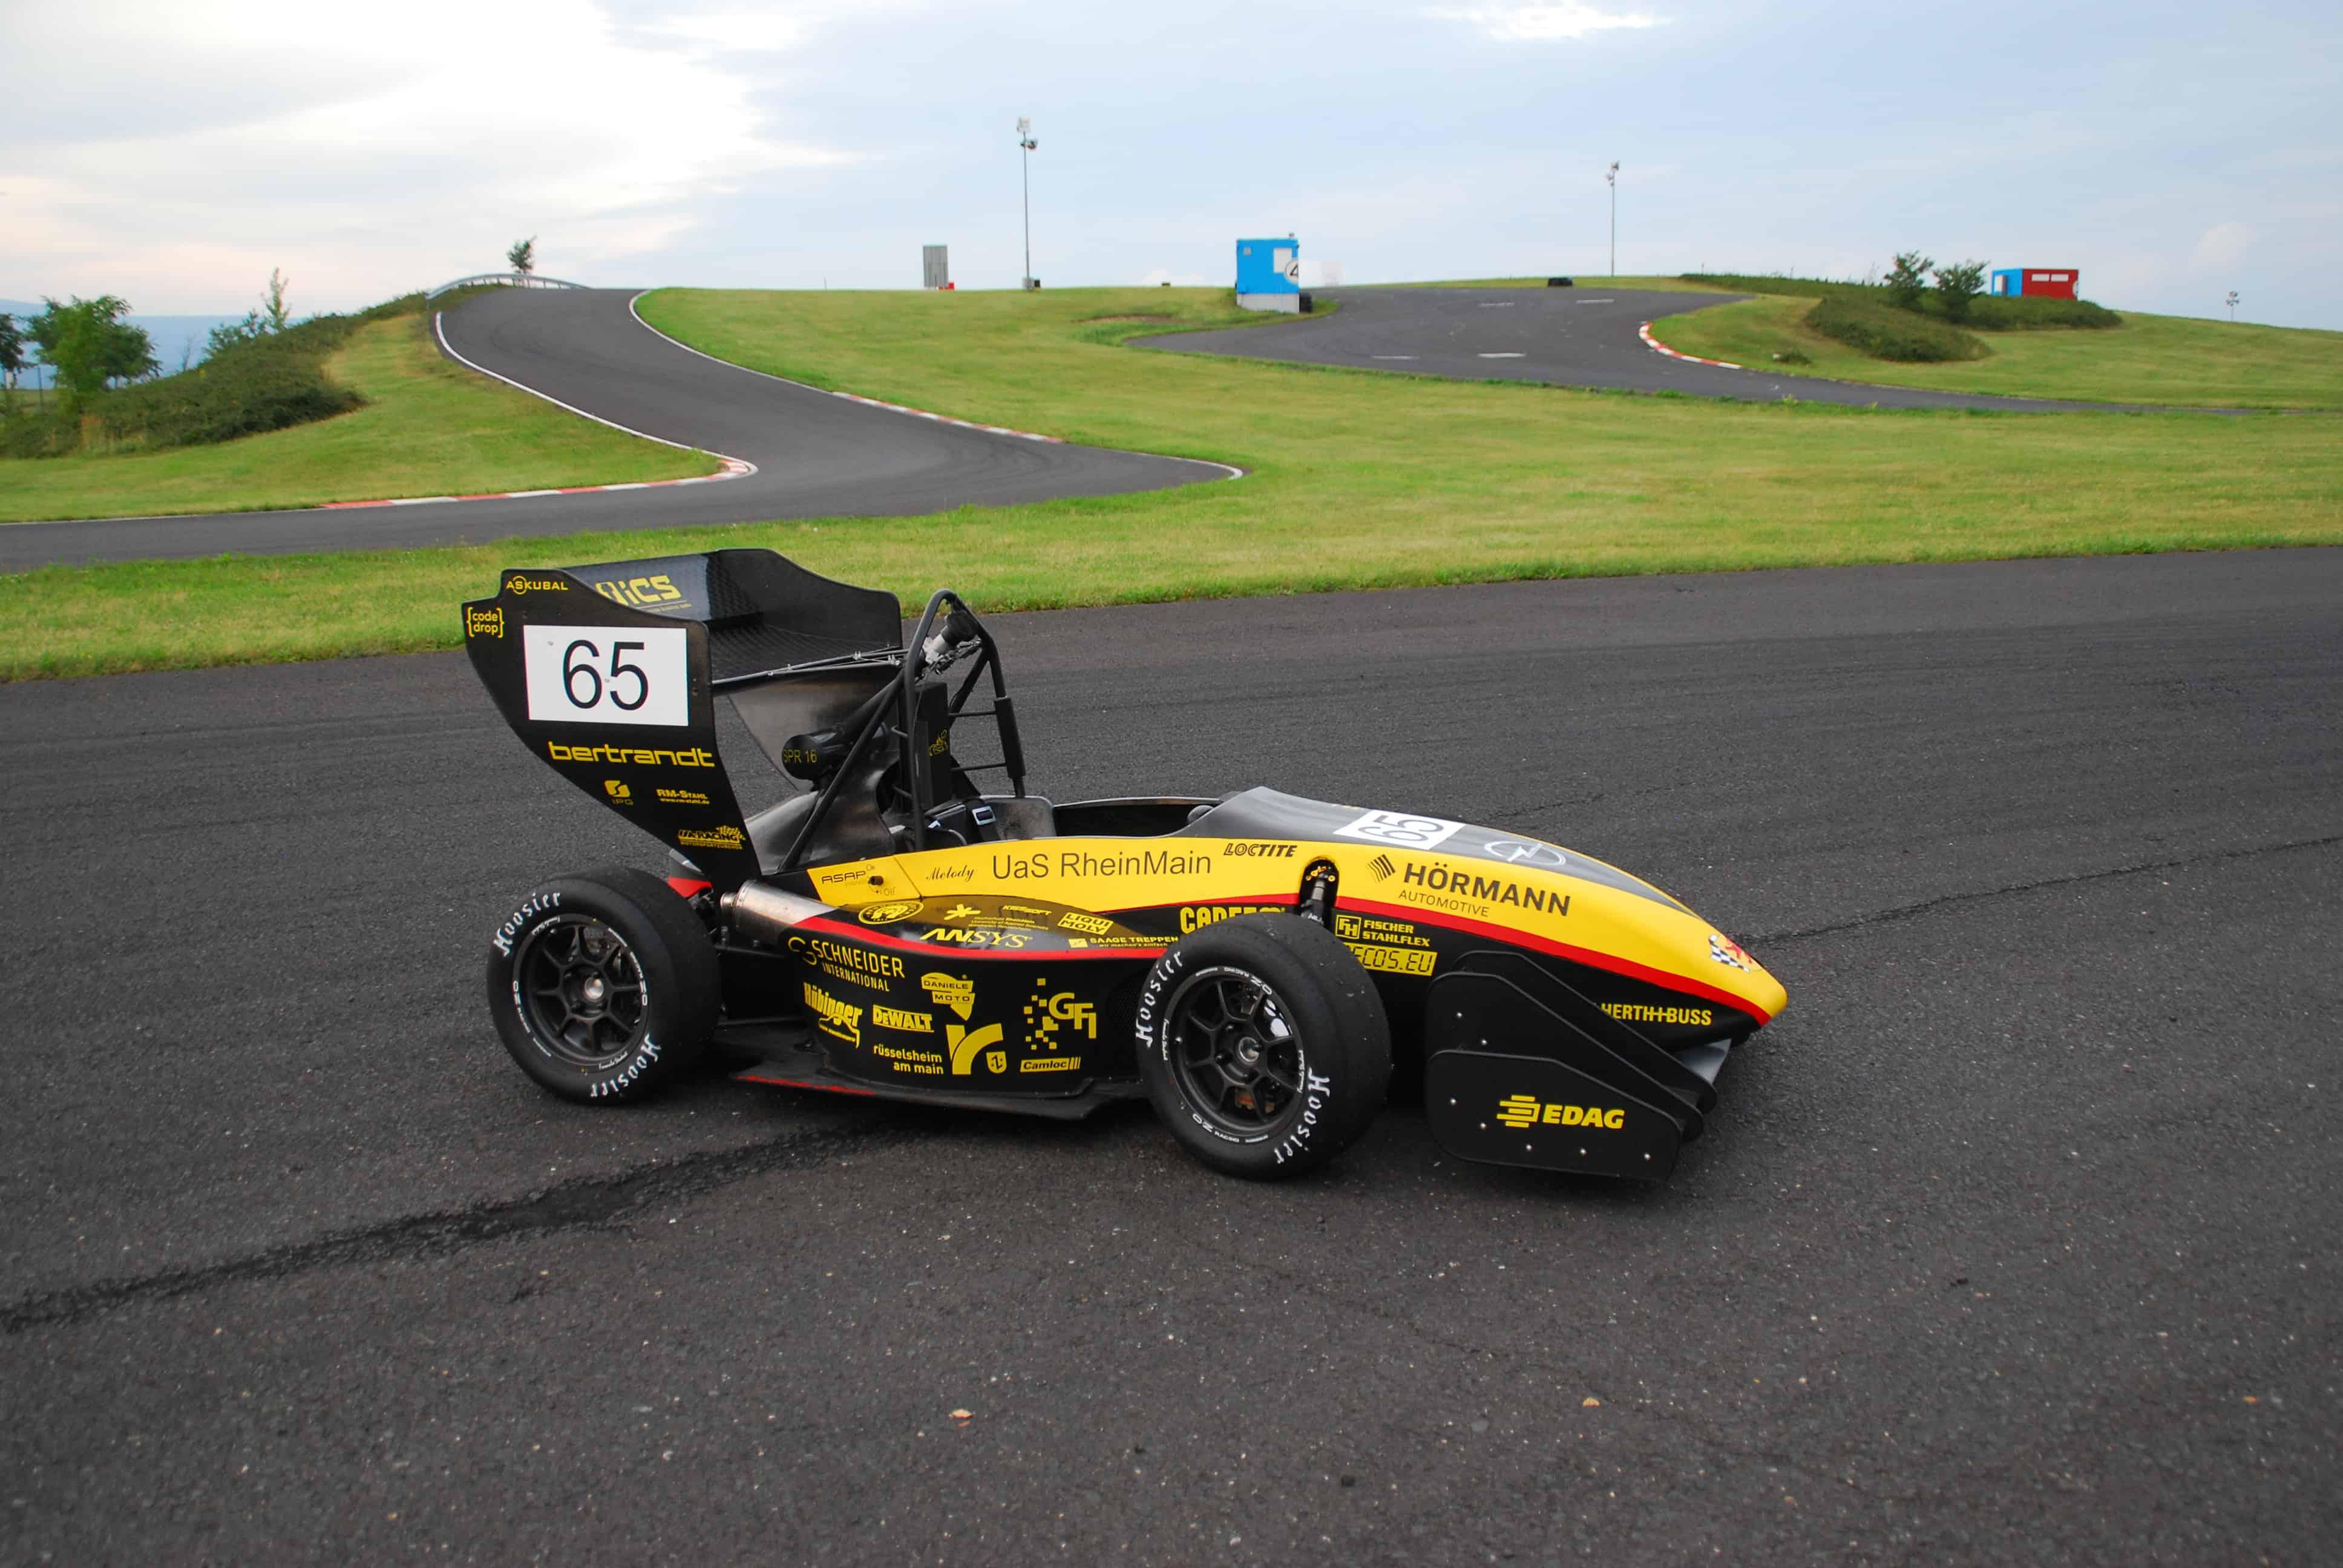 Formula-Student-Melody-SPR16-Combustion-Scuderia-Mensa